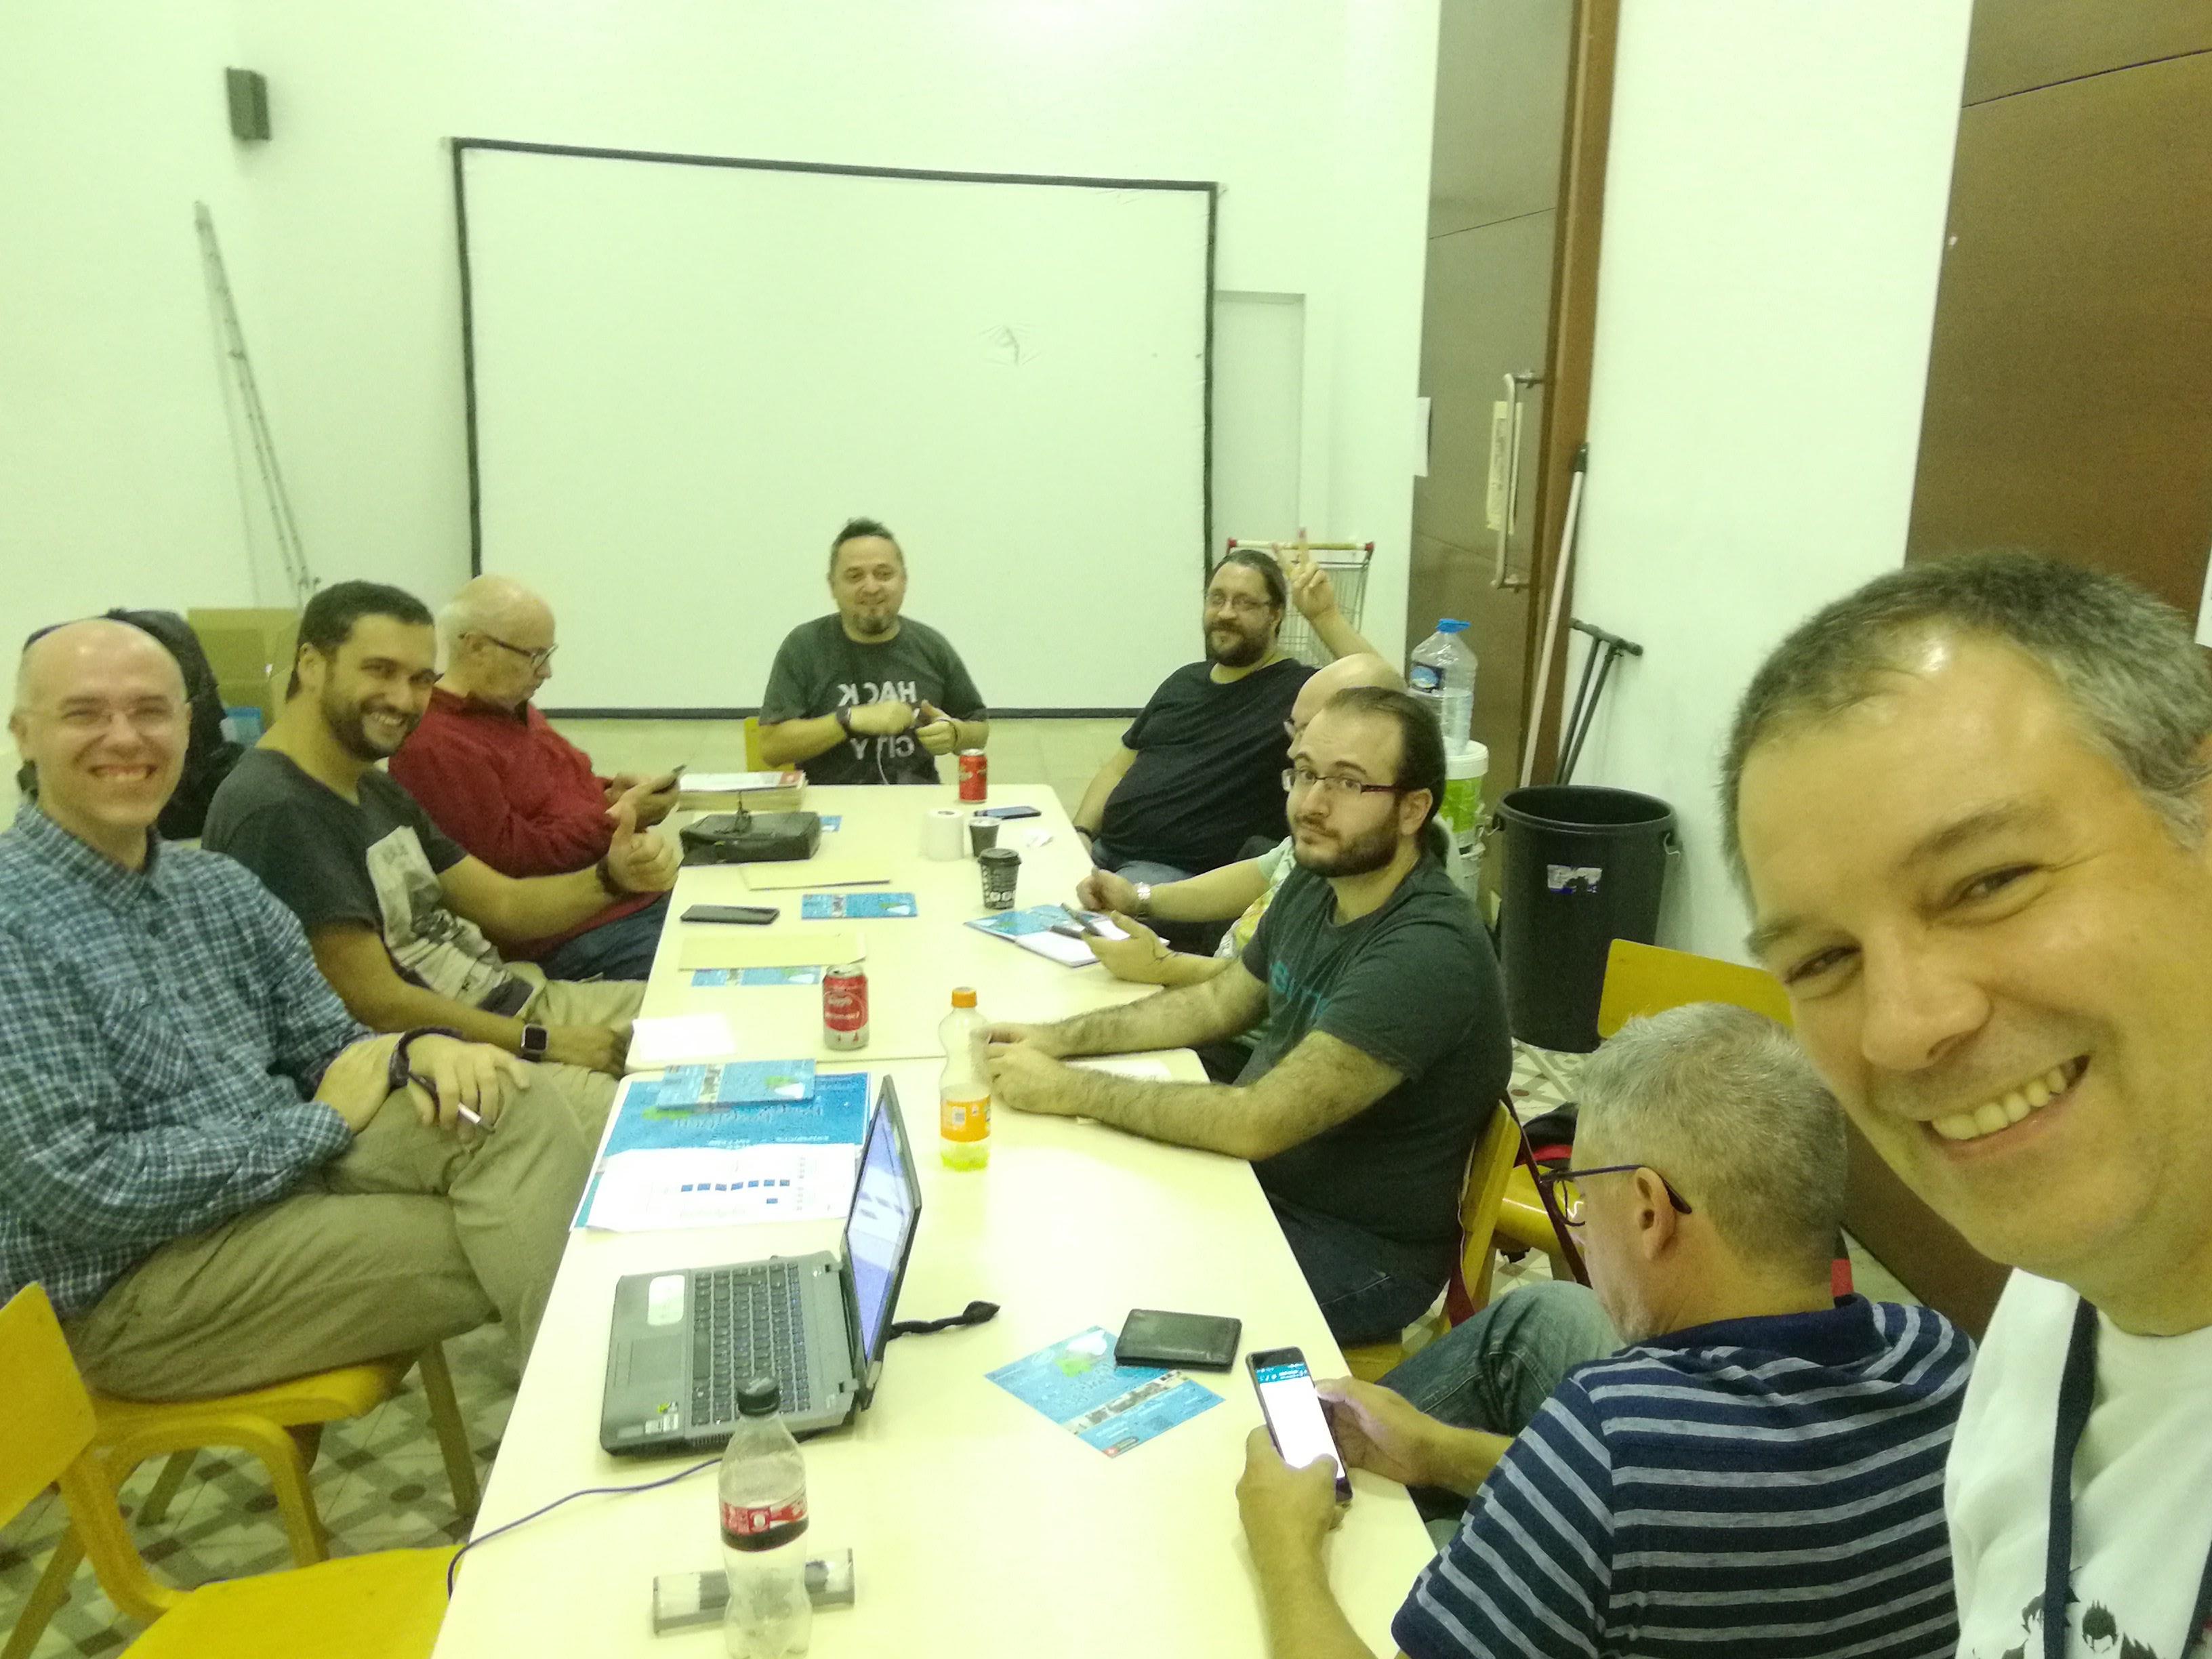 Resumen de la 9a reunión de preparación de la Printer Party